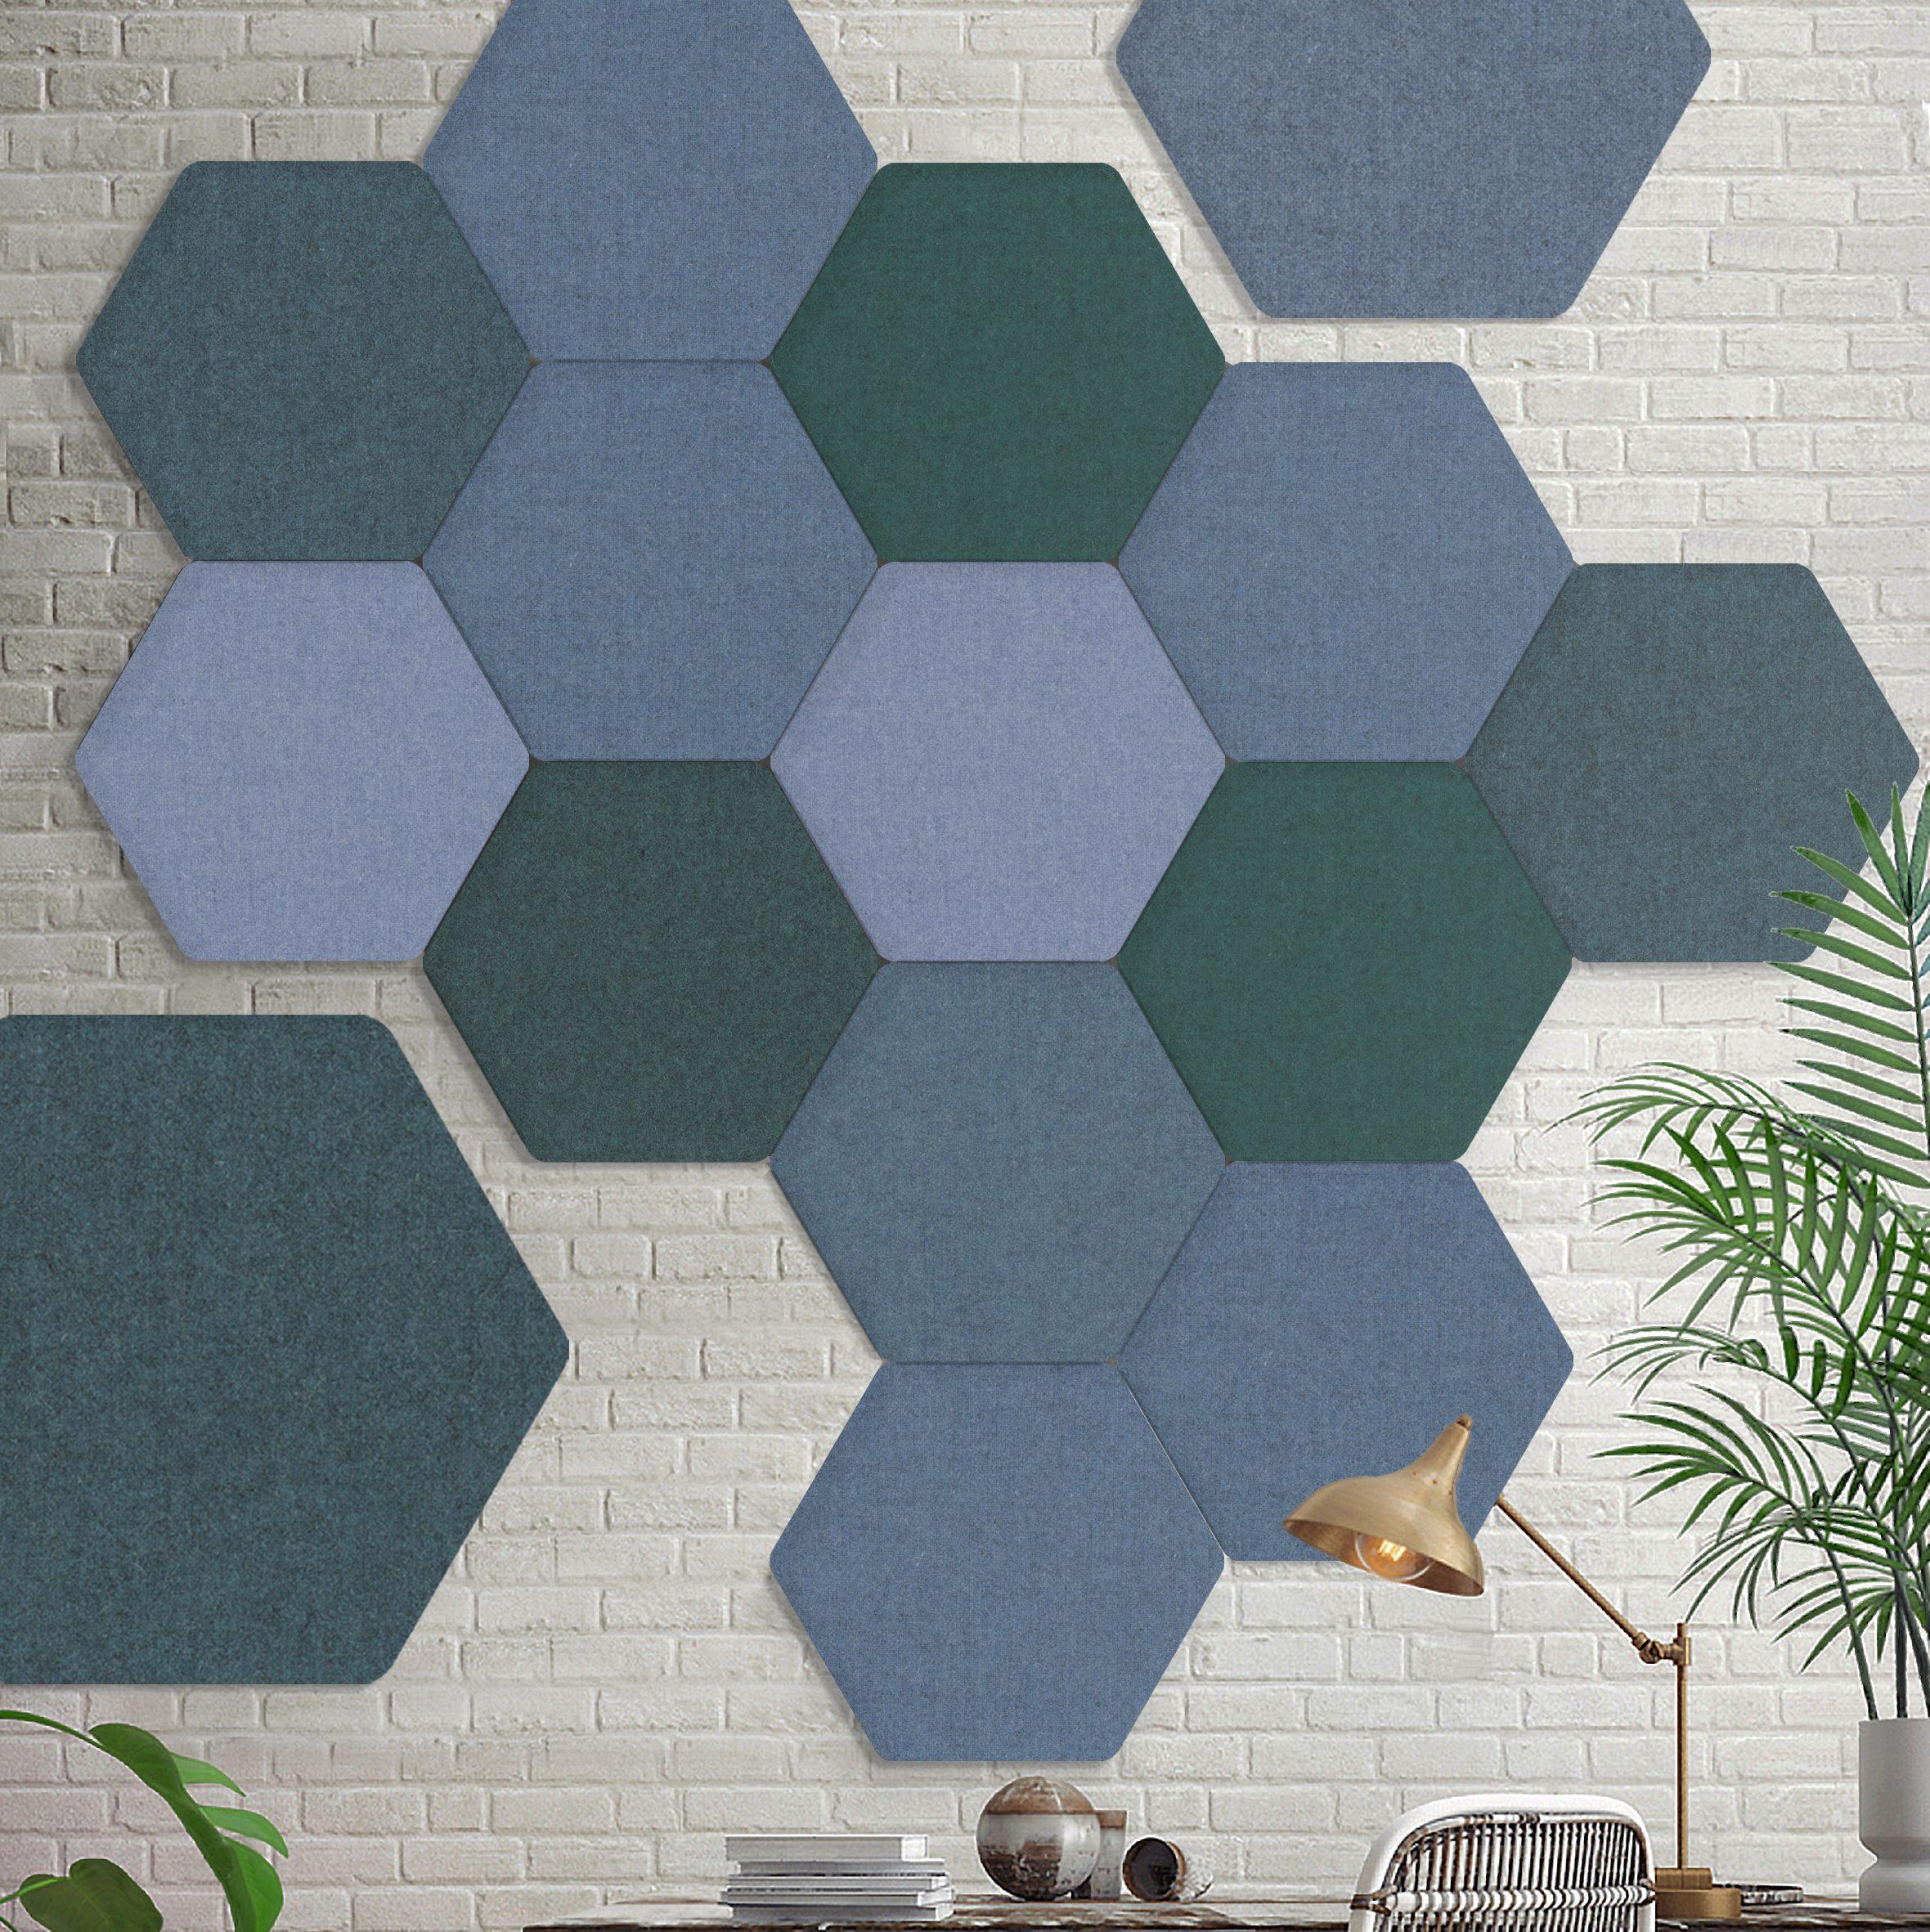 Tailor Made meerder hexagons bevestigd aan de wand